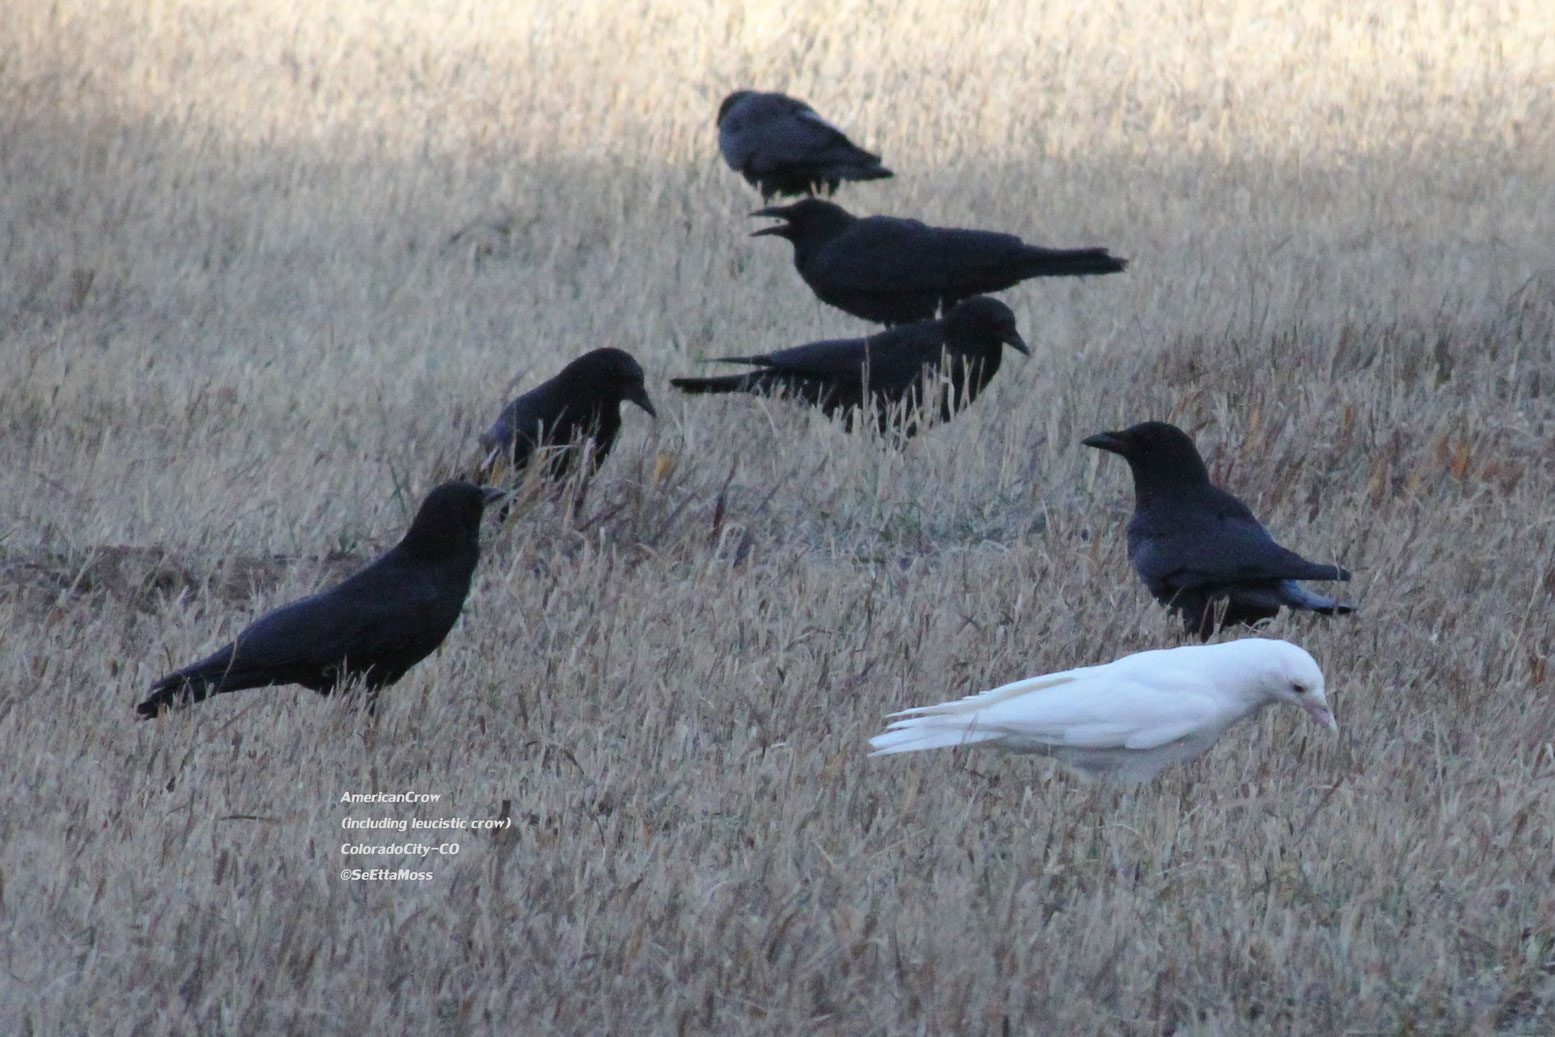 Albino Bird A White Crow Birds And Blooms